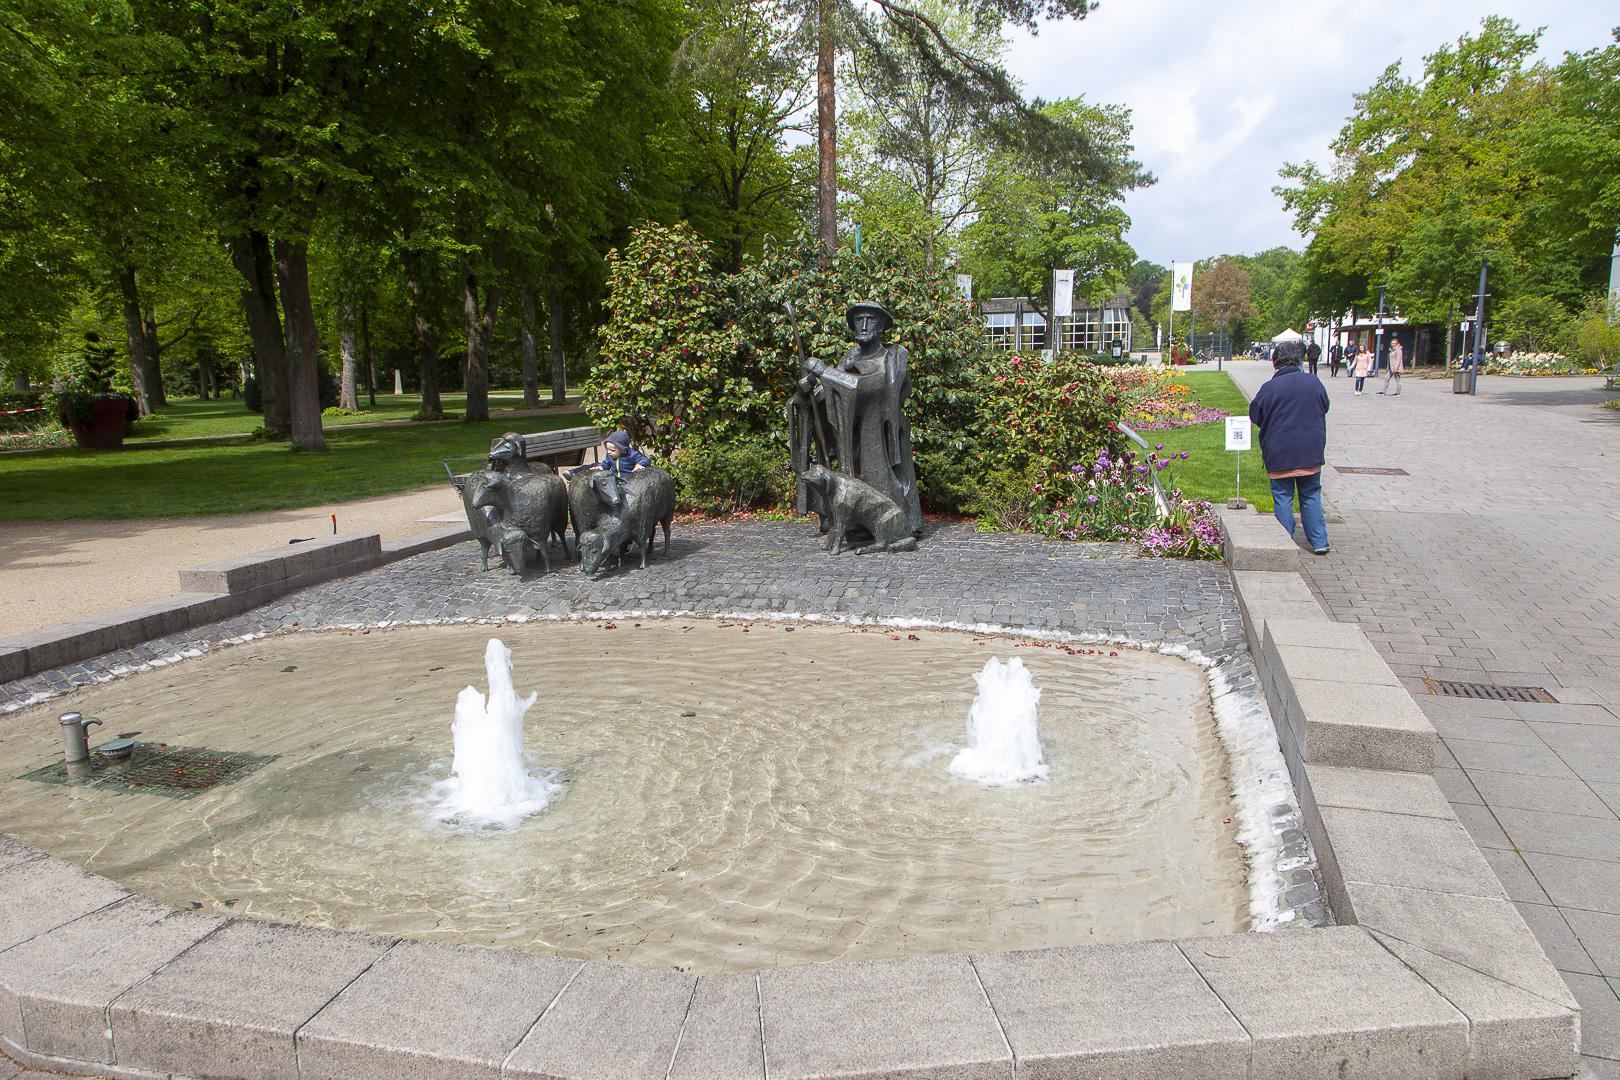 Am Schäferbrunnen